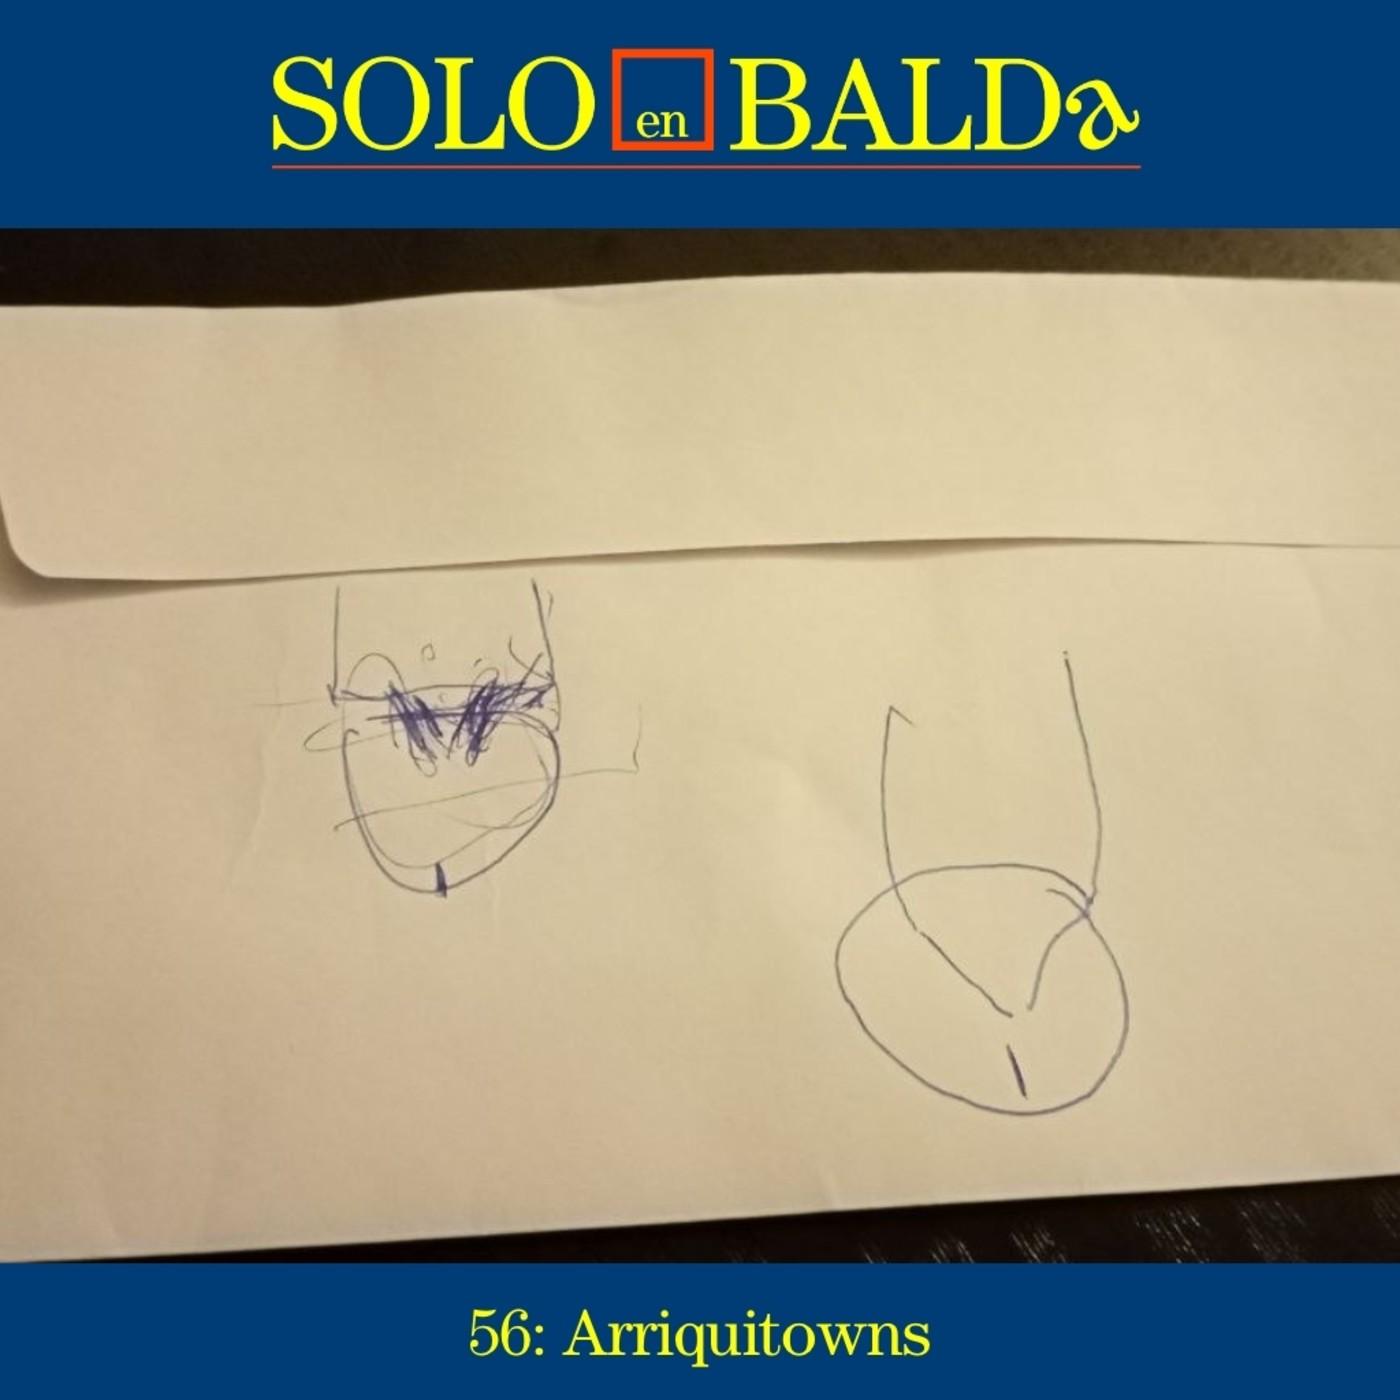 56: Arriquitowns